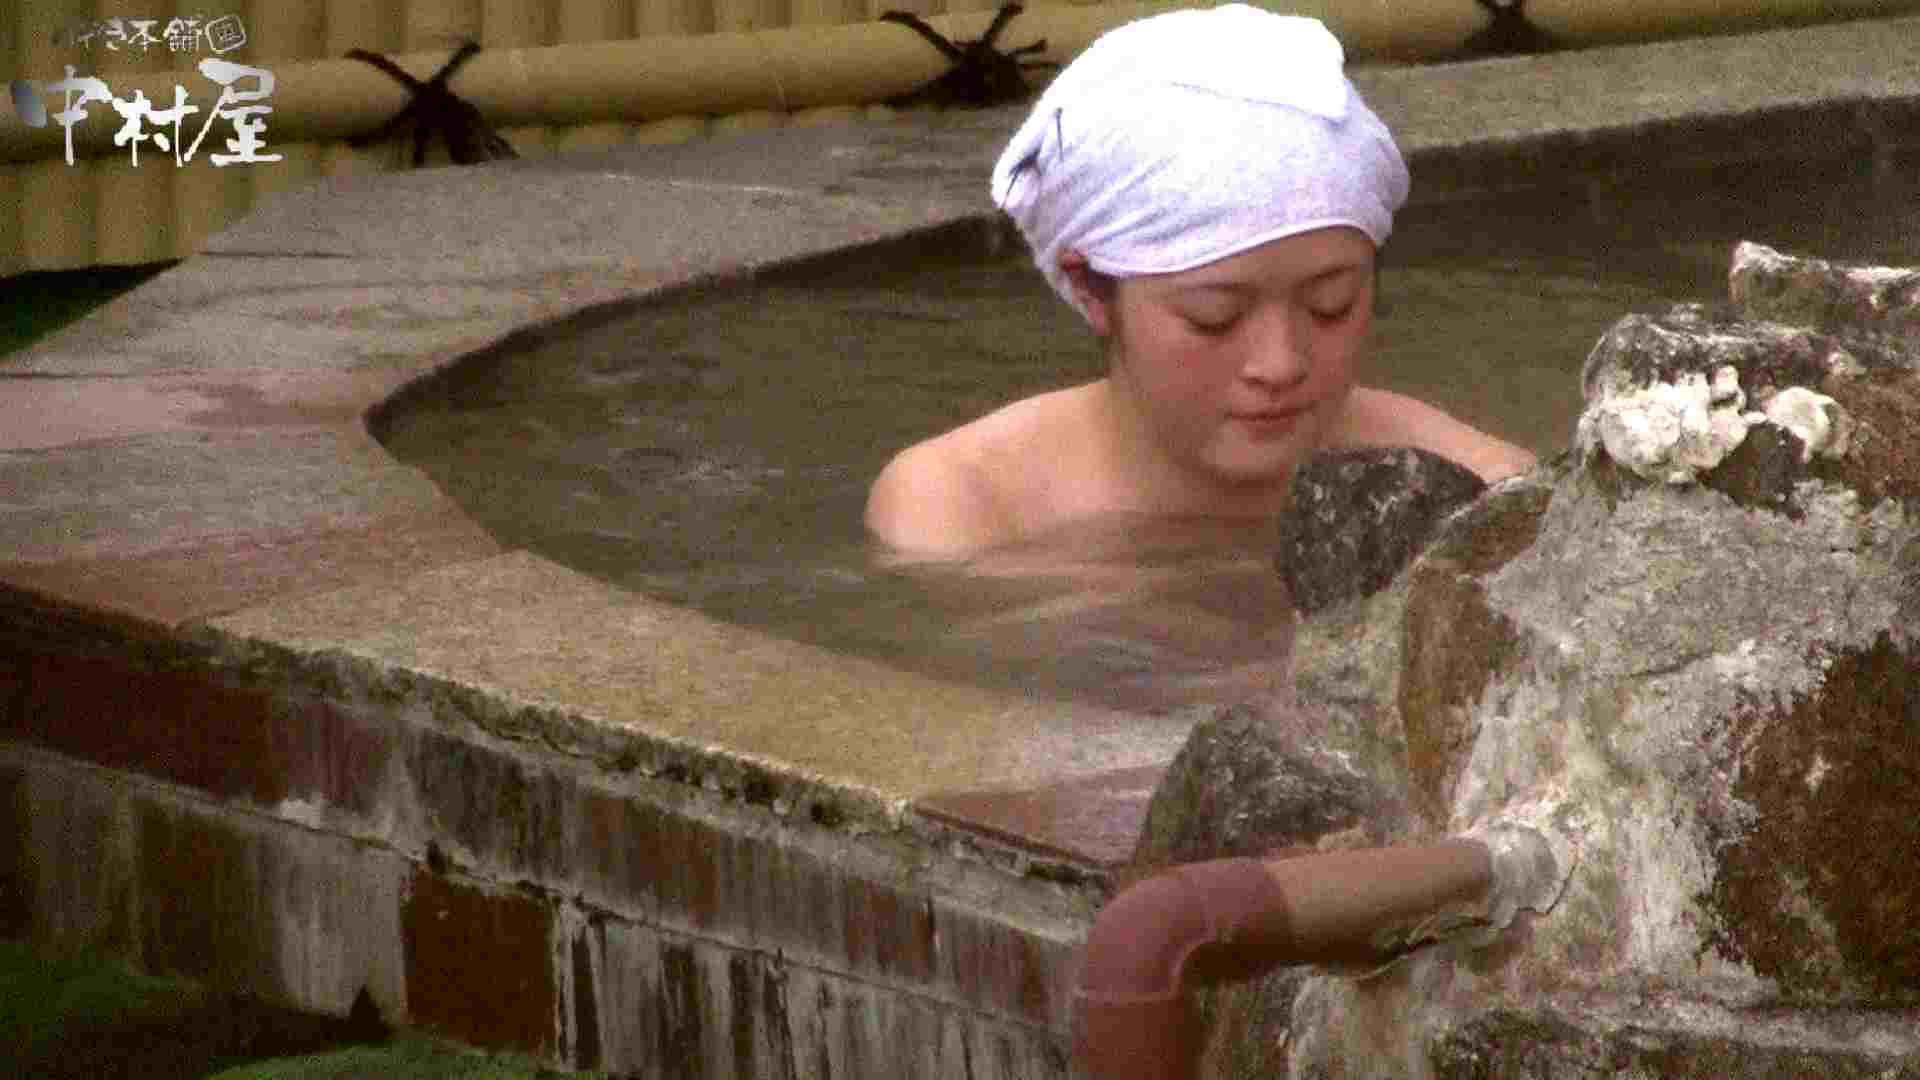 Aquaな露天風呂Vol.920 盗撮シリーズ  89PIX 72